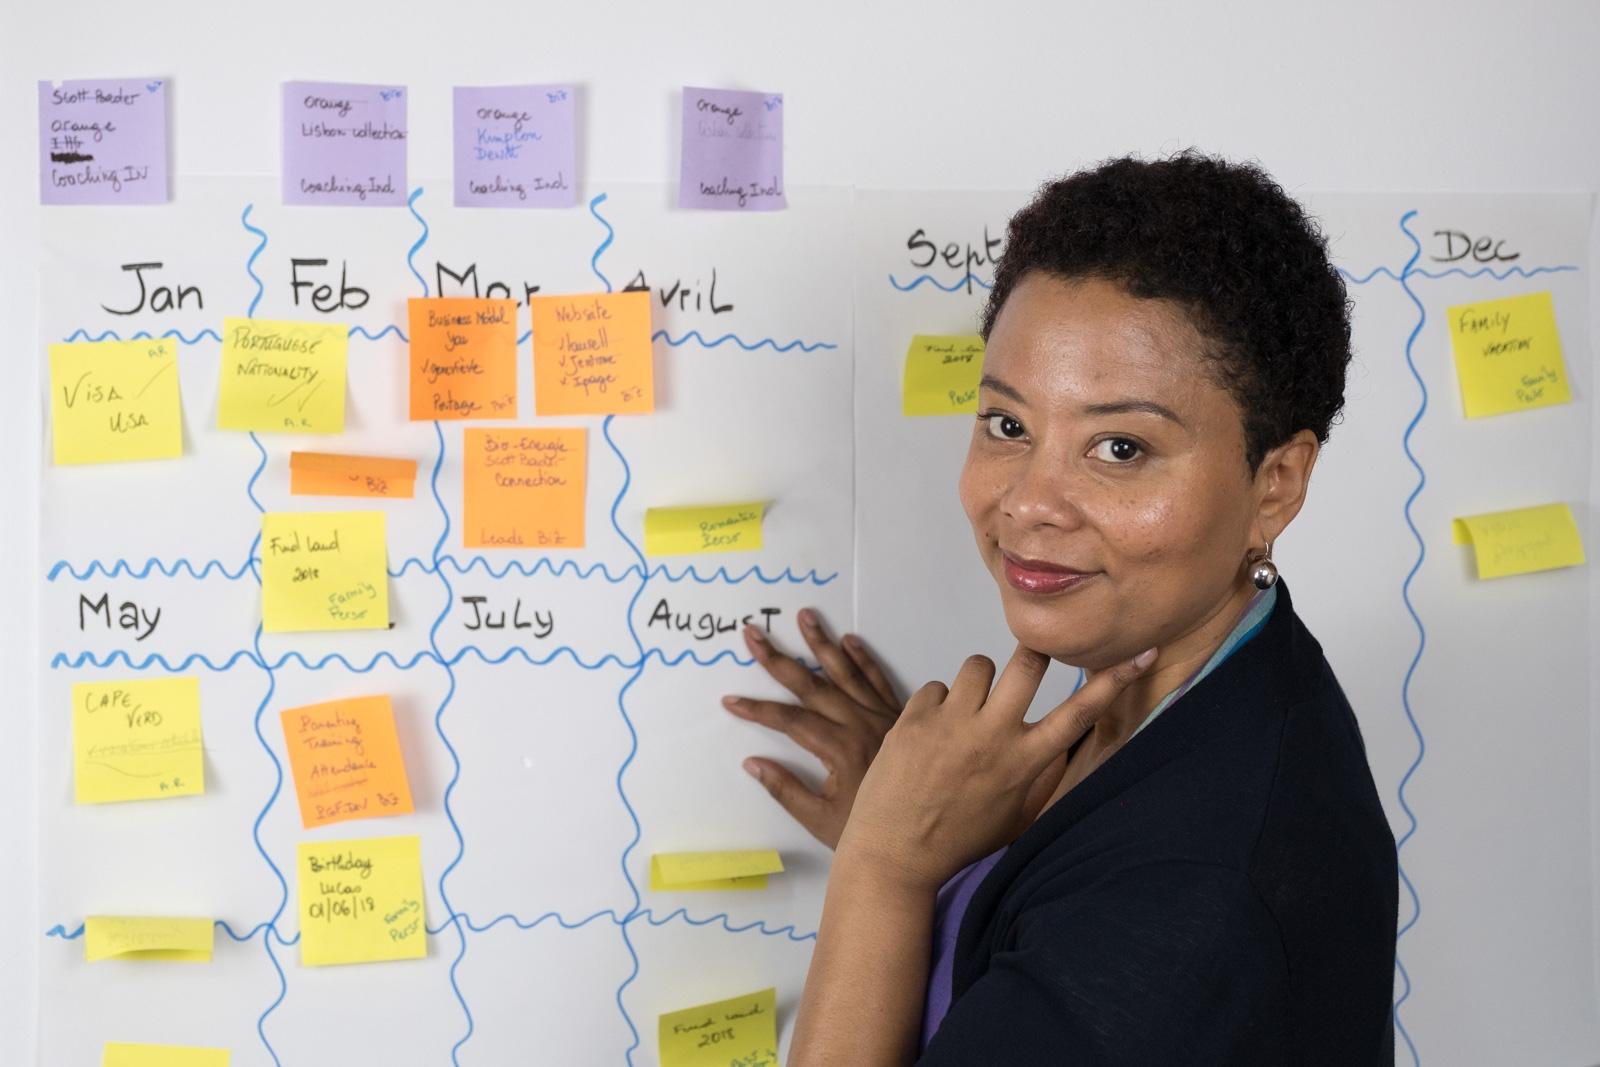 UNE OFFRE FLEXIBLE ET PLURIDISCIPLINAIRE - Parce que chez KZNPO, nous savons que les généralités n'existent pas, nos offres prennent la forme qui vous ressemble : consulting, coaching individuel ou d'équipe, séminaires et workshops ou programmes intégratifs, chacun de nos outils est à votre disposition pour que votre cap devienne un horizon atteignable.